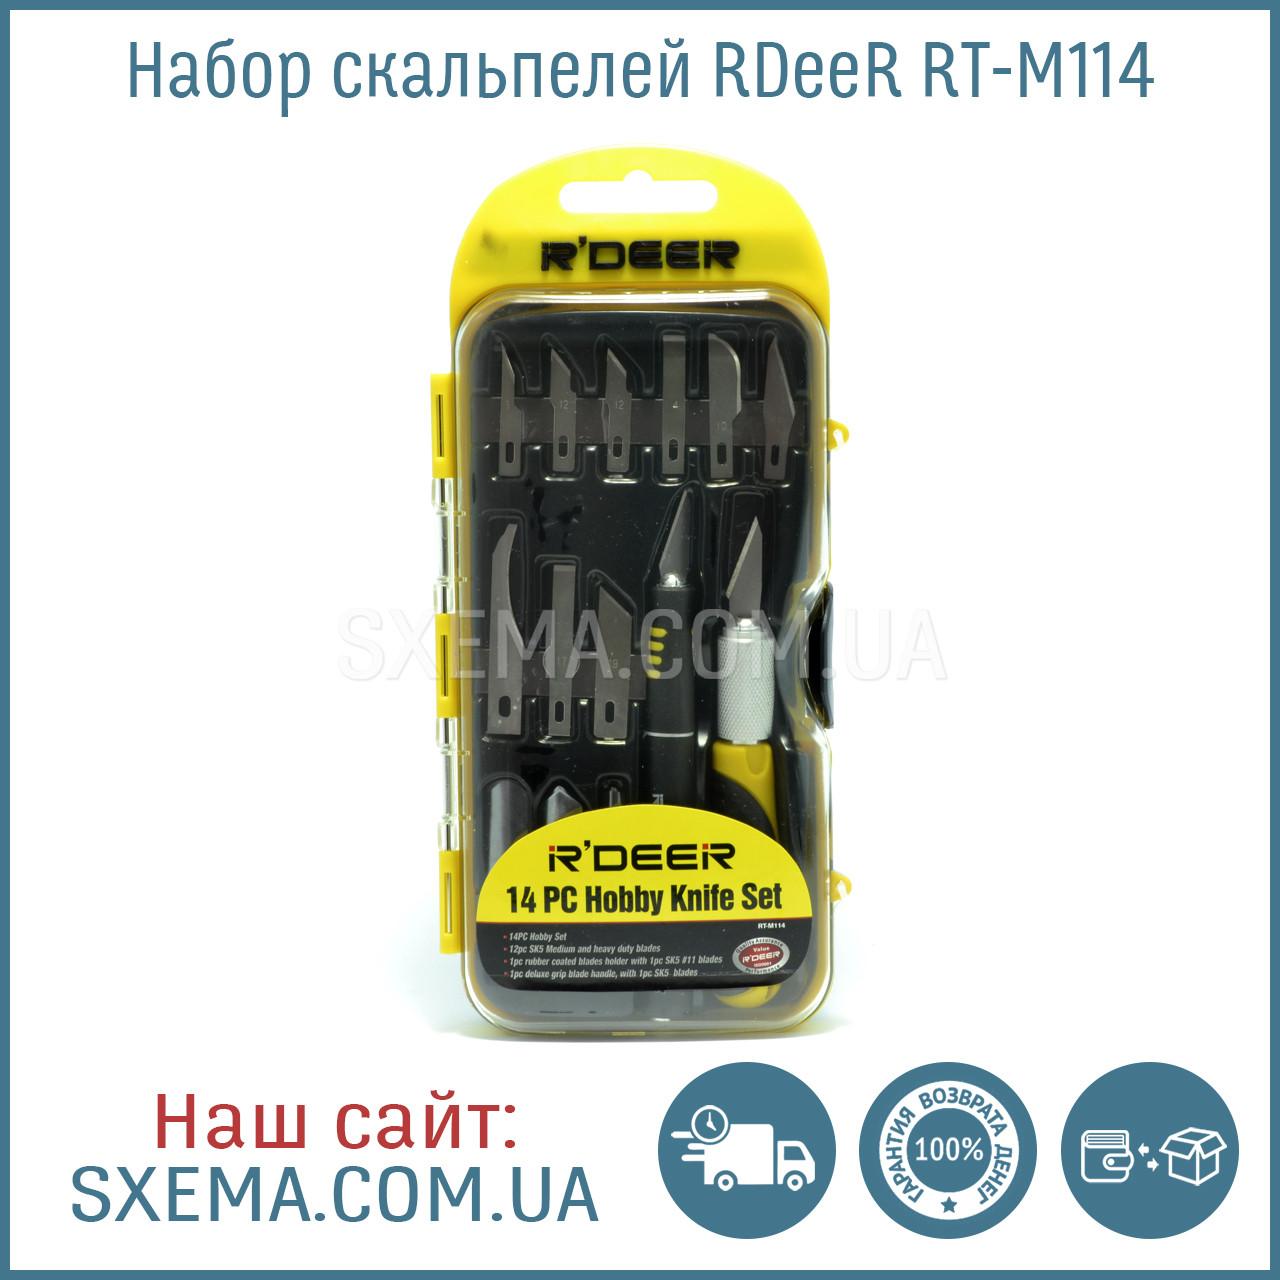 Набор скальпелей RDeer RT-M114 2 ручки, 12 лезвий, в кейсе